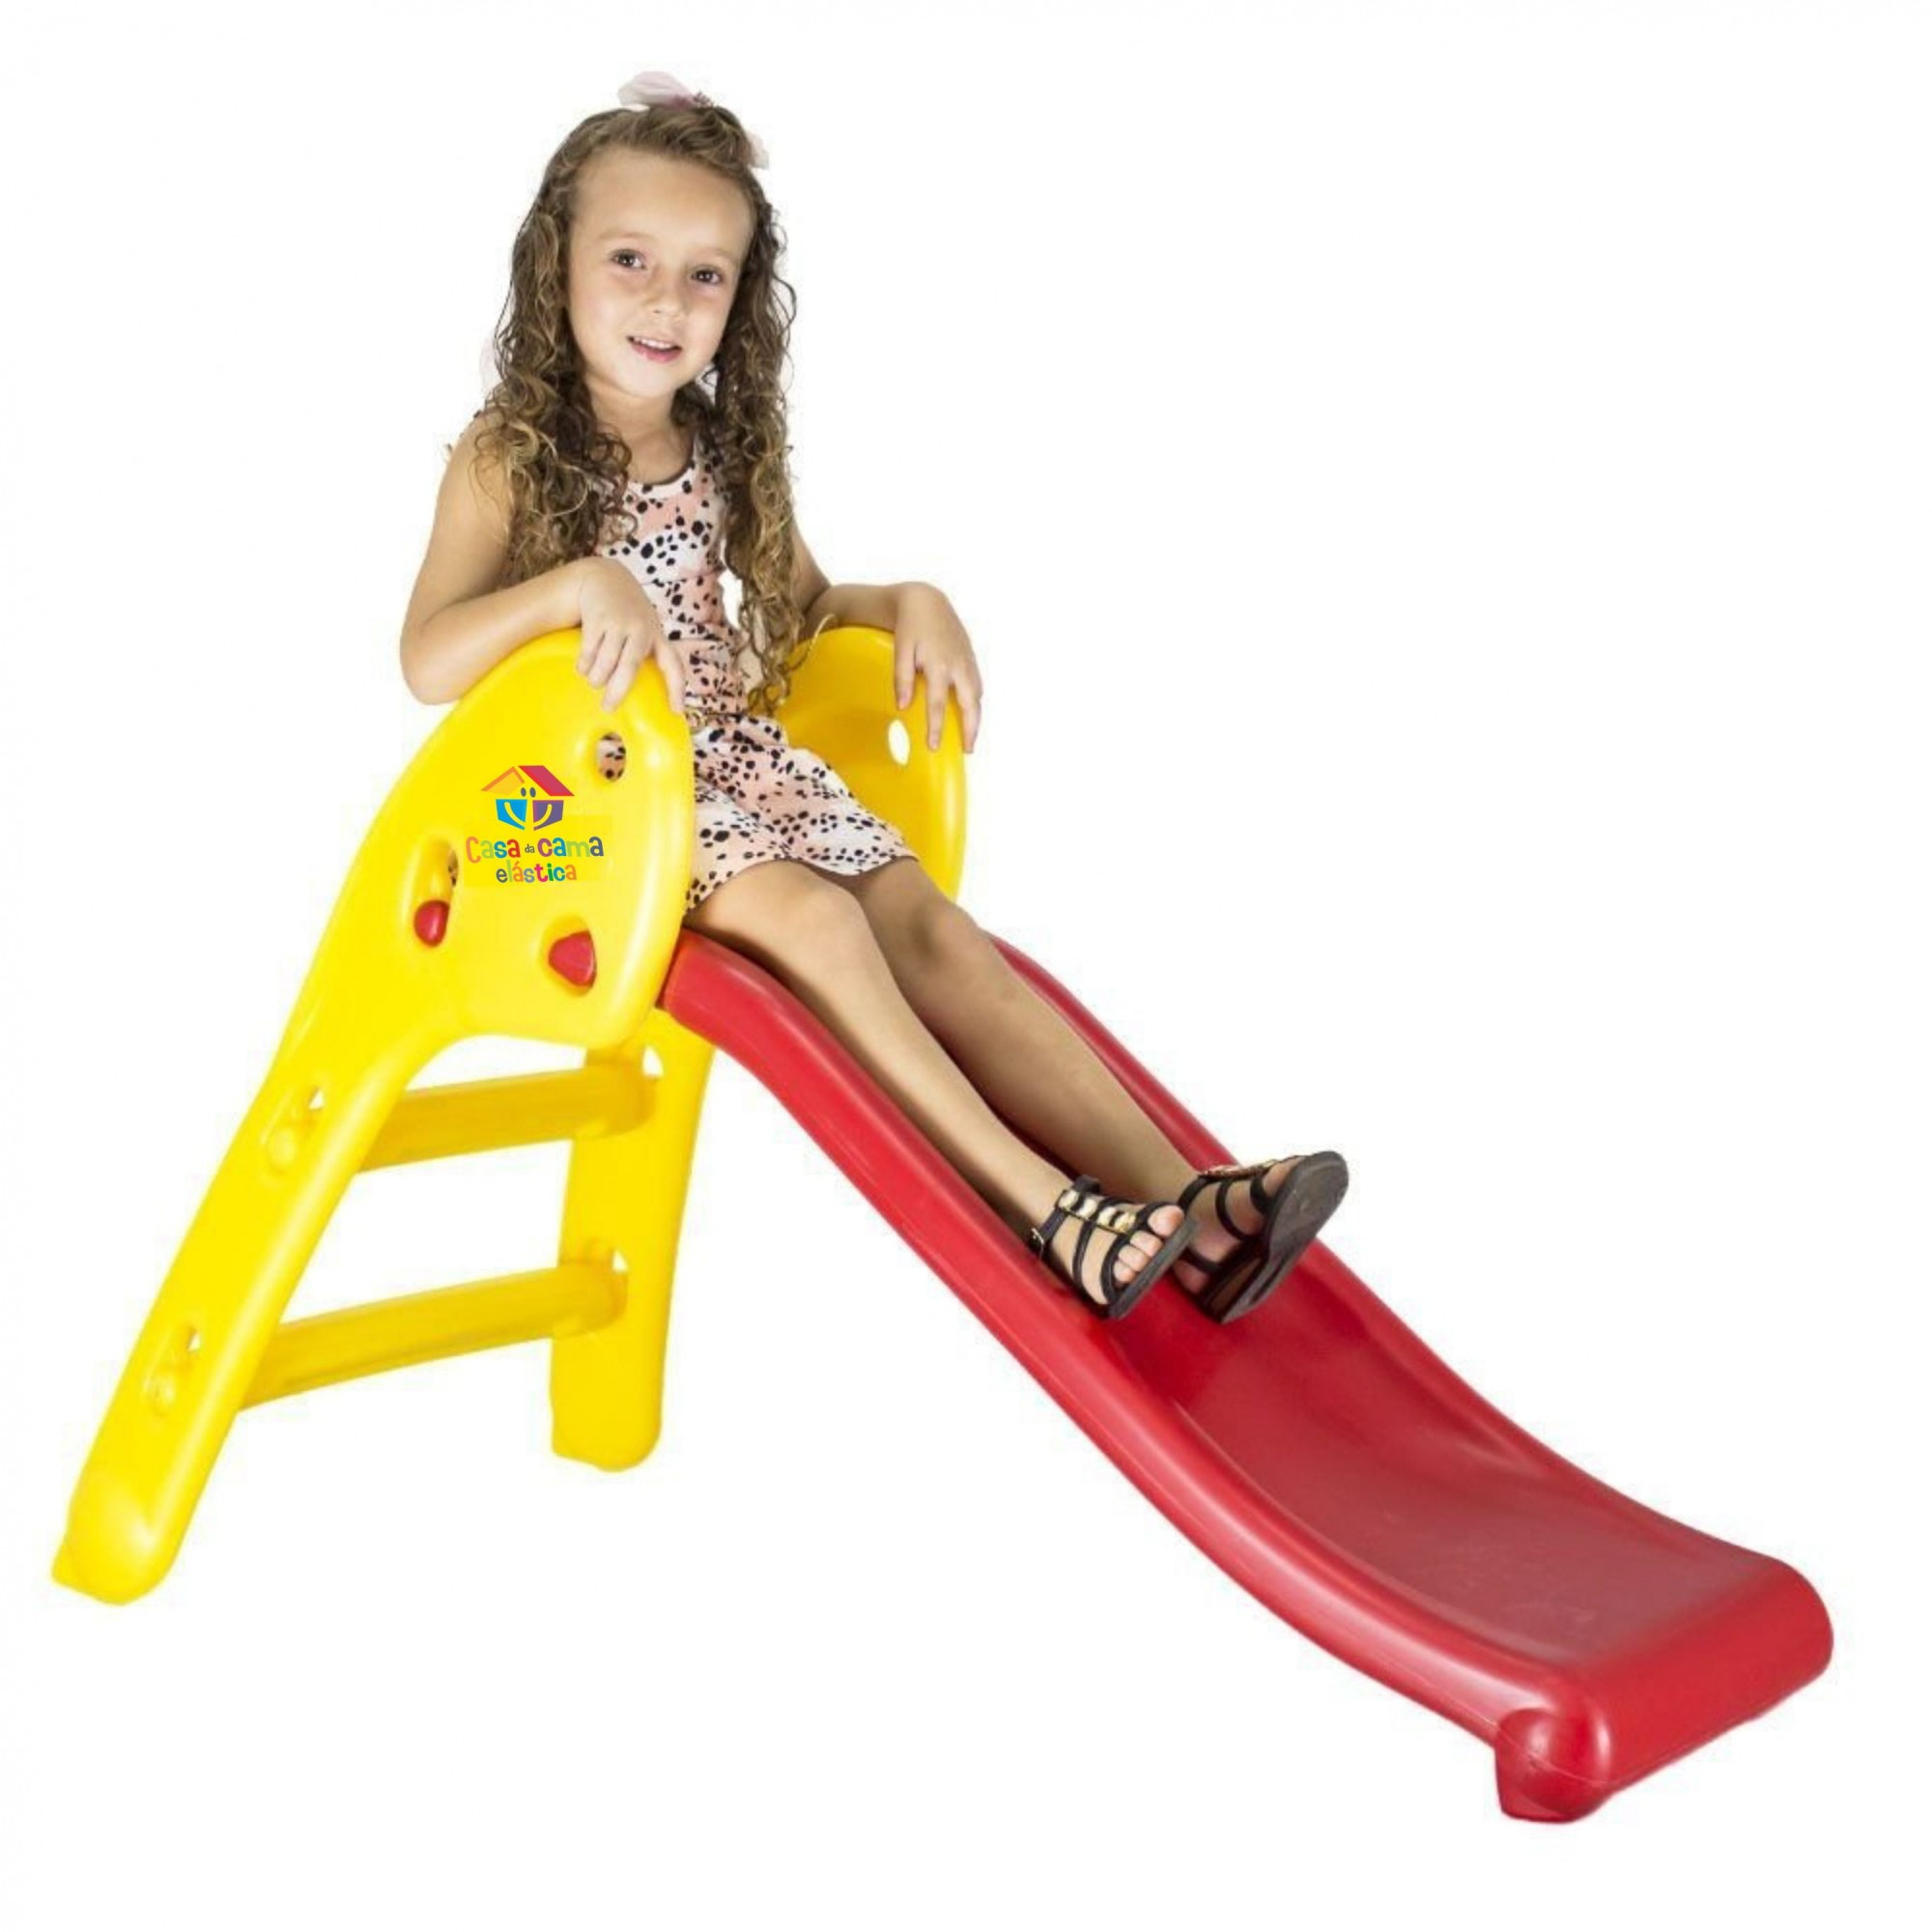 Escorregador Baby 2 Degraus Rampa Vermelha Escada Amarela Casinha Brinquedos